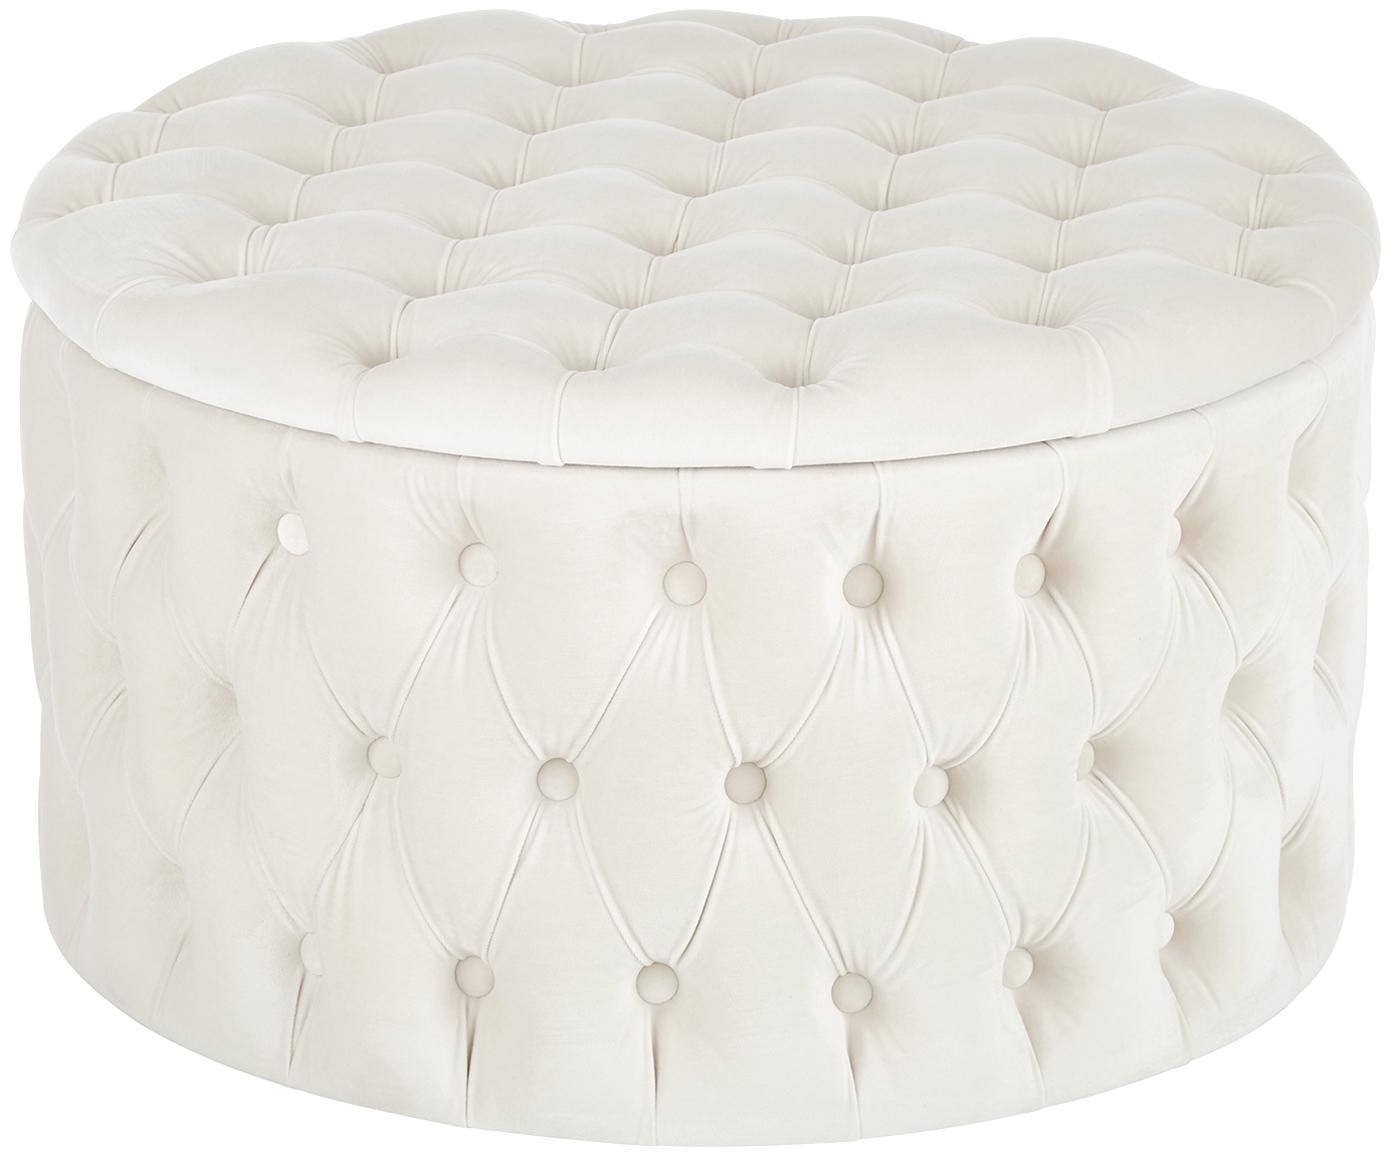 Pouf contenitore in velluto Chiara, Rivestimento: velluto (poliestere) 20.0, Bianco crema, Ø 70 x Alt. 42 cm